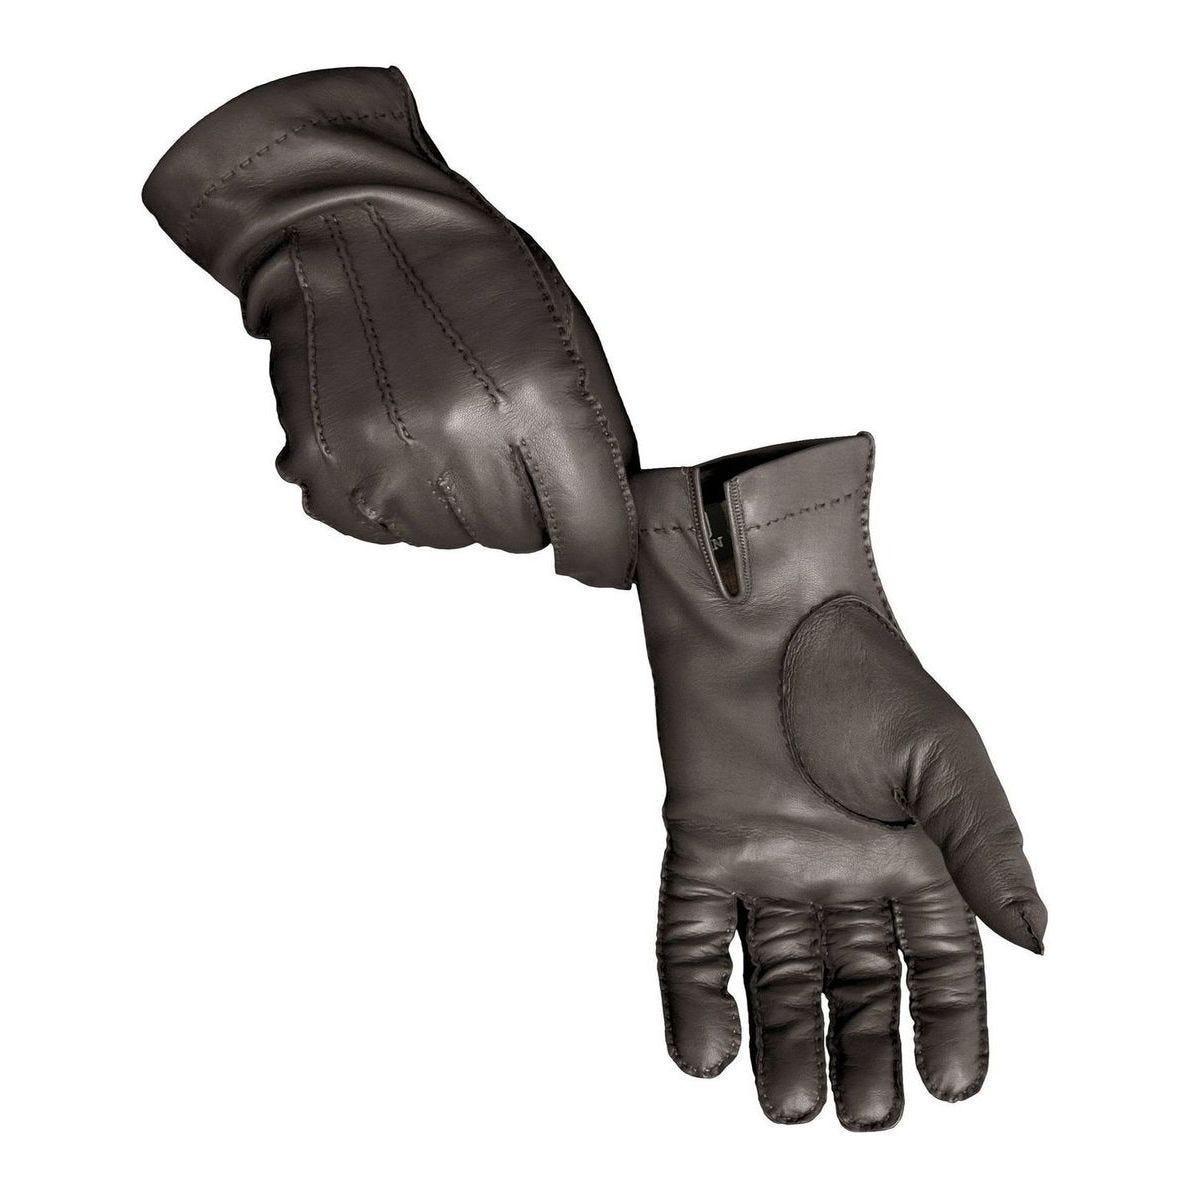 Winter gloves for men